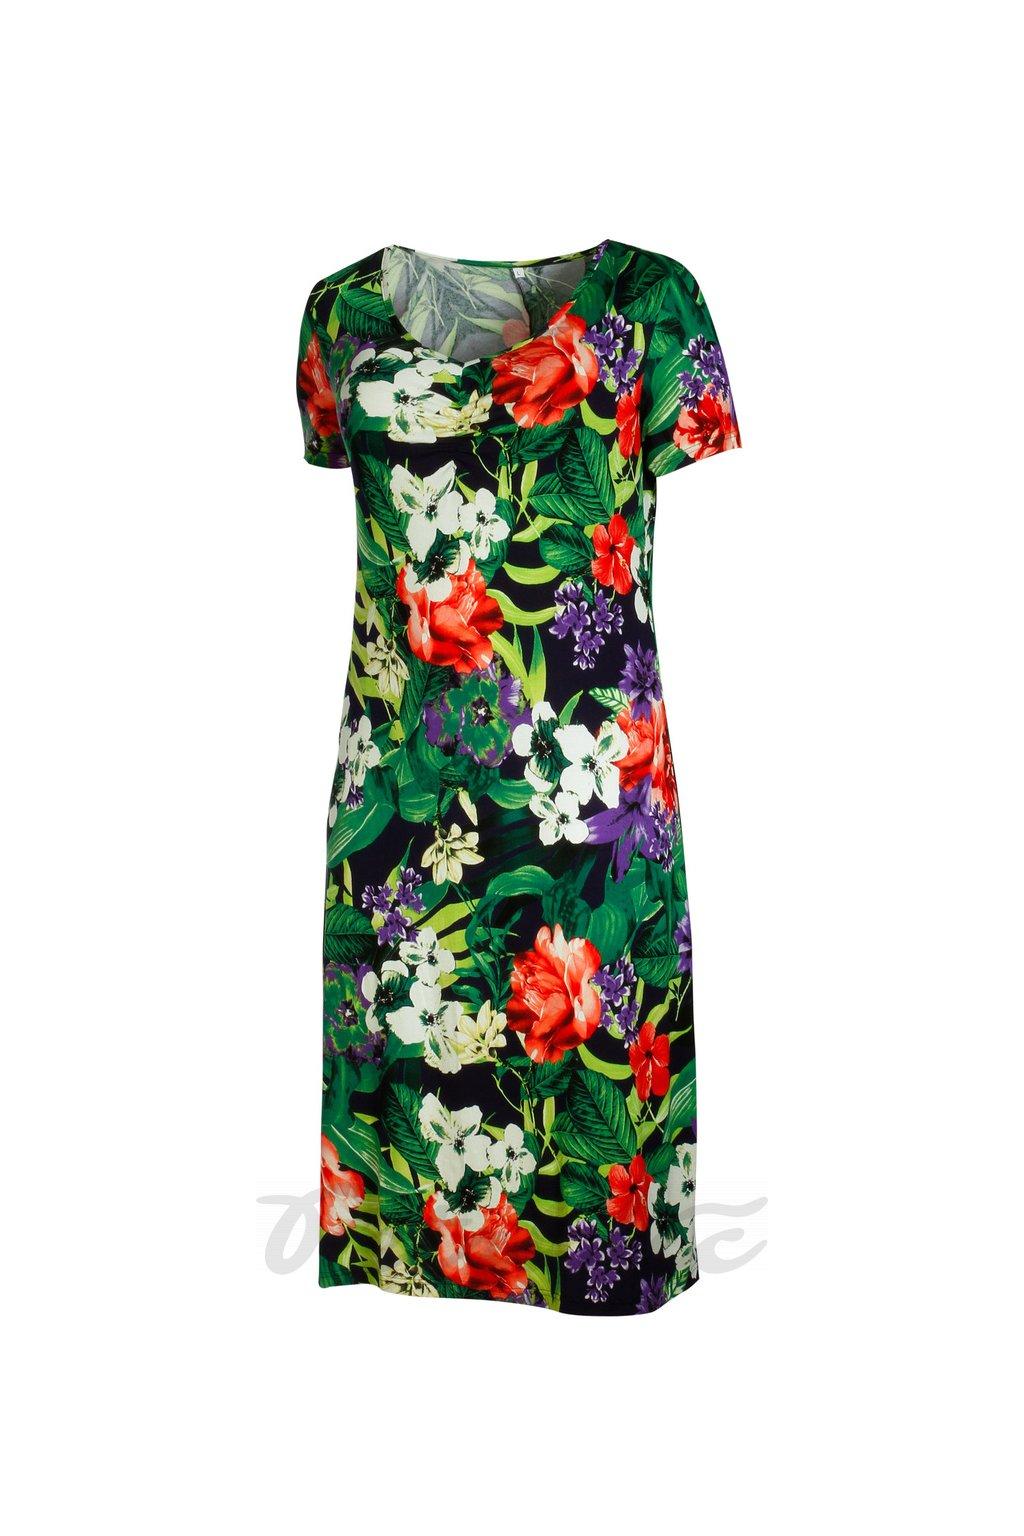 Domča - letní šaty zelený tisk